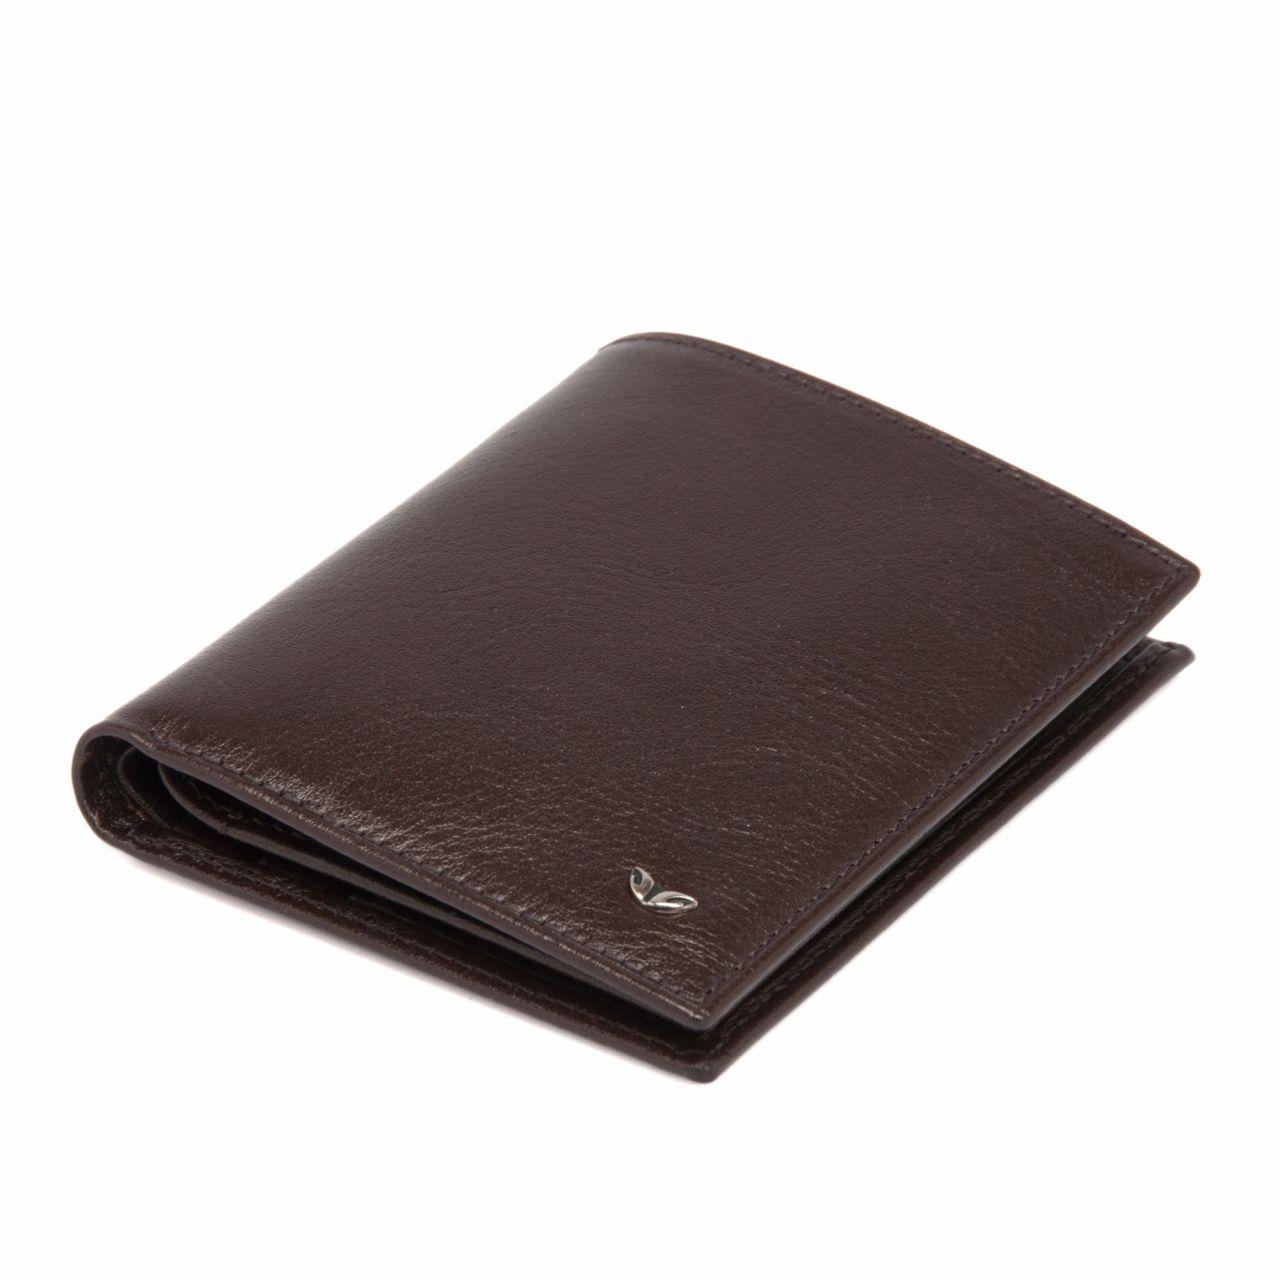 Класически мъжки портфейл в кафяво